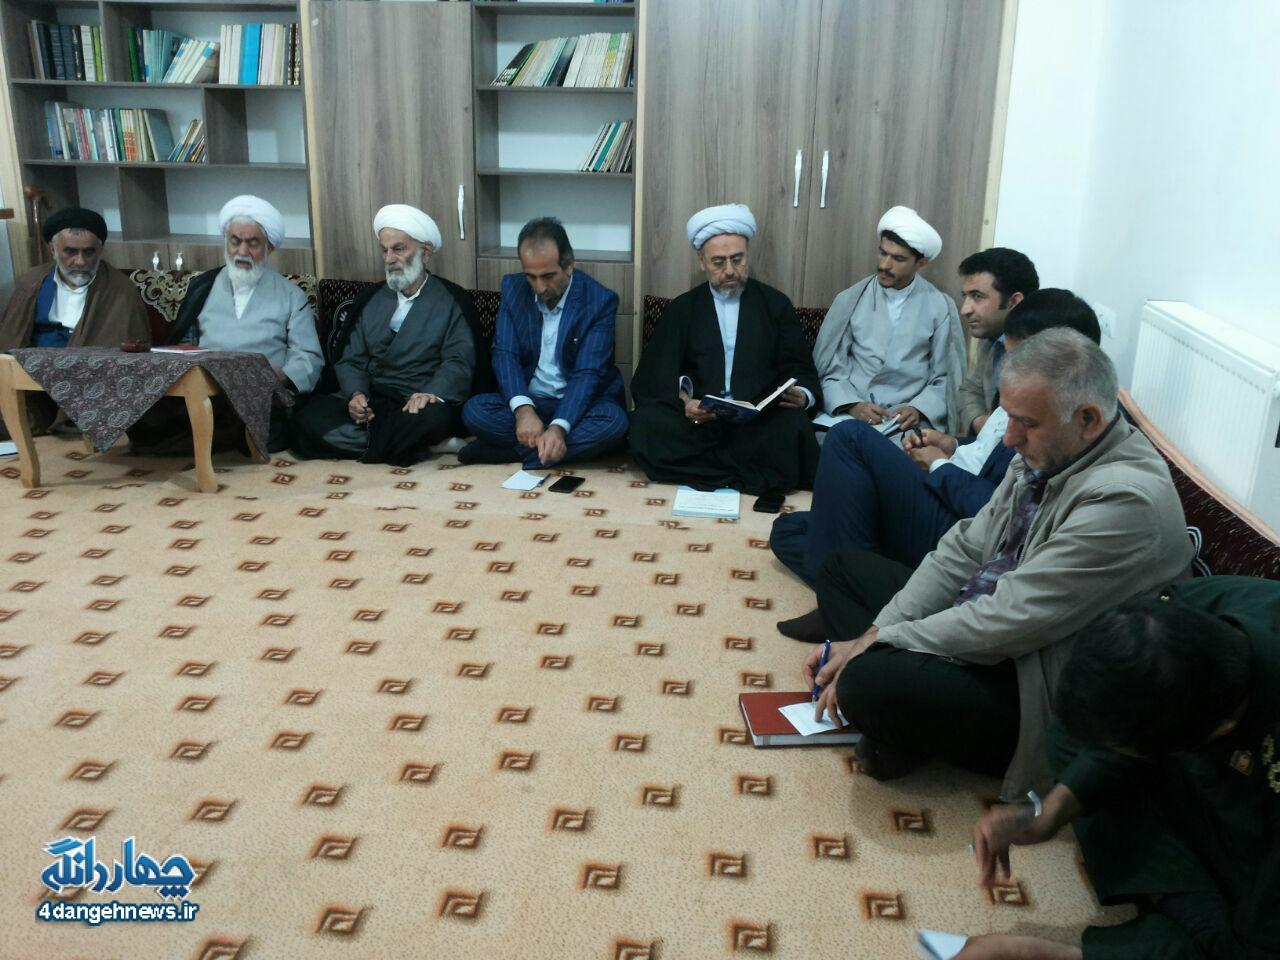 مراسم ارتحال  امام خمینی (ره) در روز شنبه  13 خرداد1396 برگزار می شود